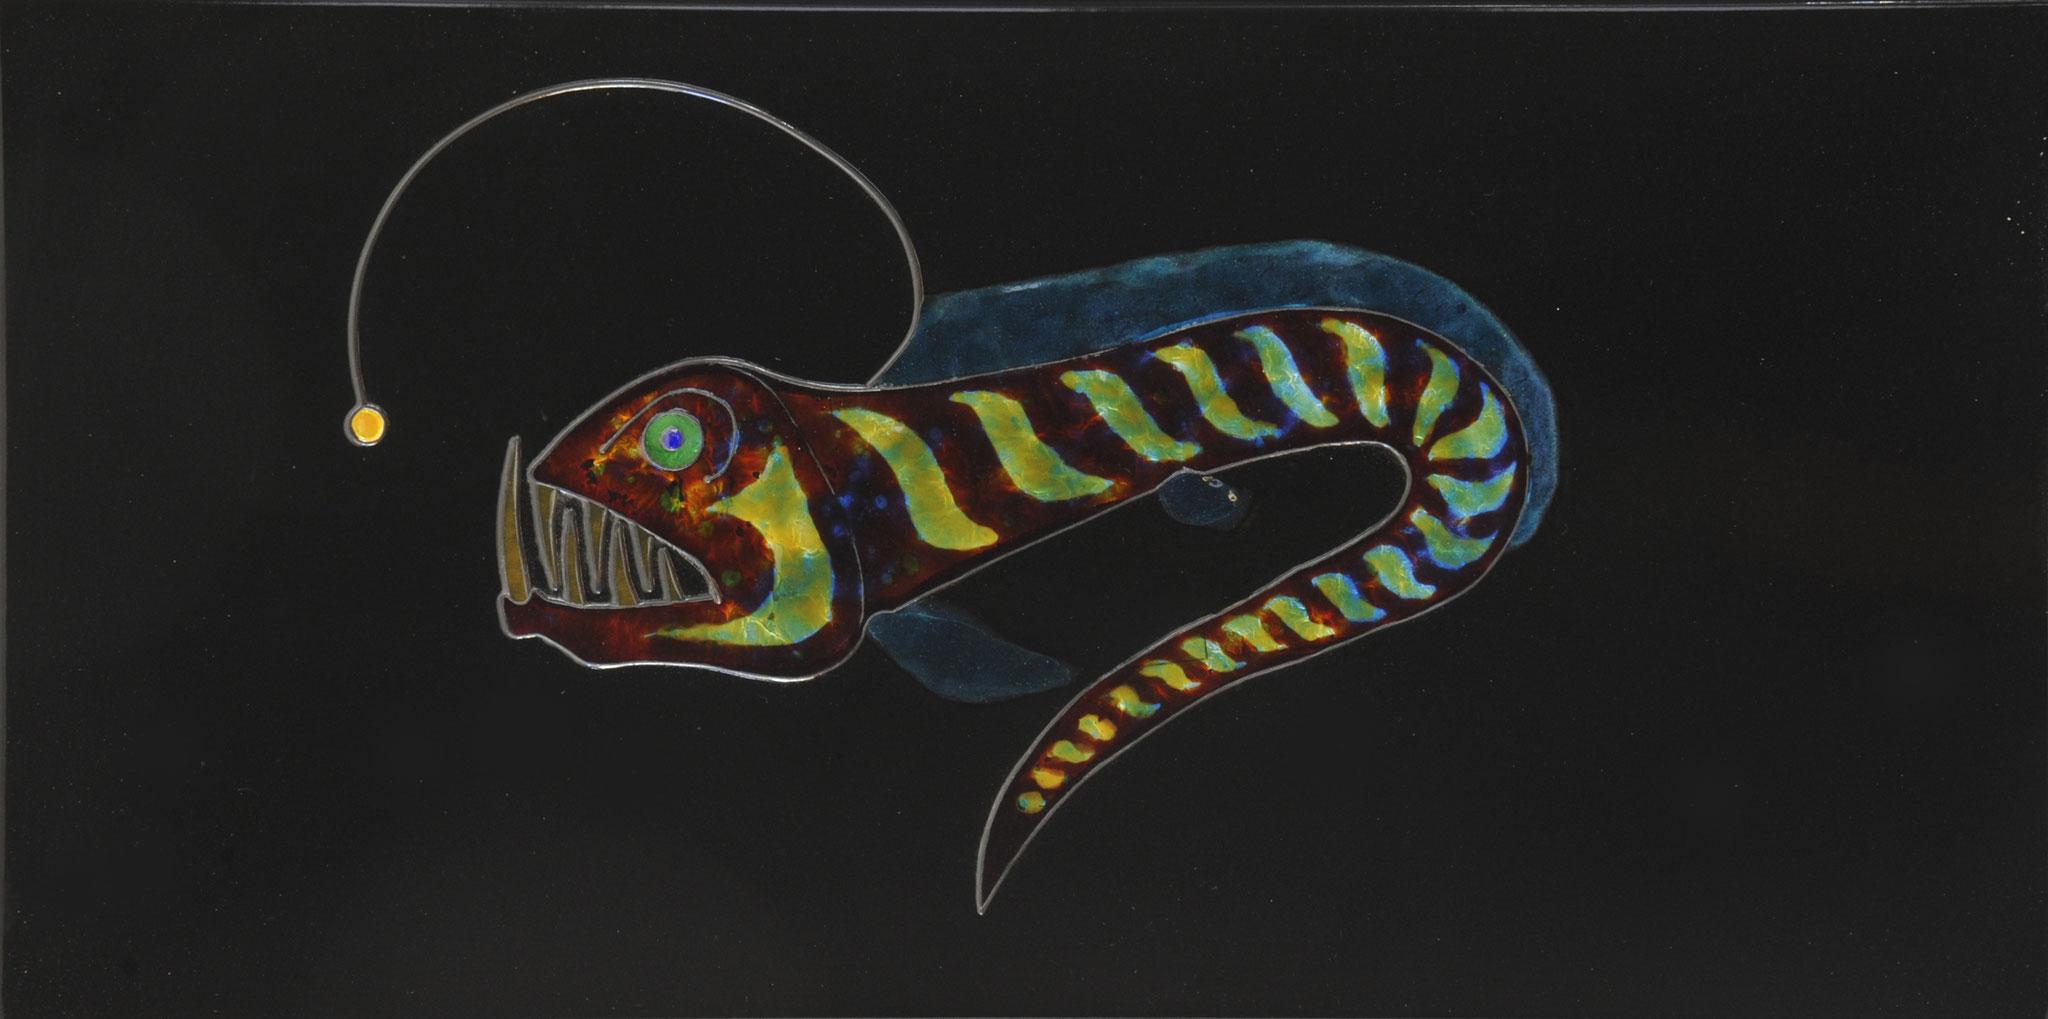 """""""Laternenfisch"""" 2015, 60 x 30 cm, Stegemail, transp. Email mit Silber unterlegt"""